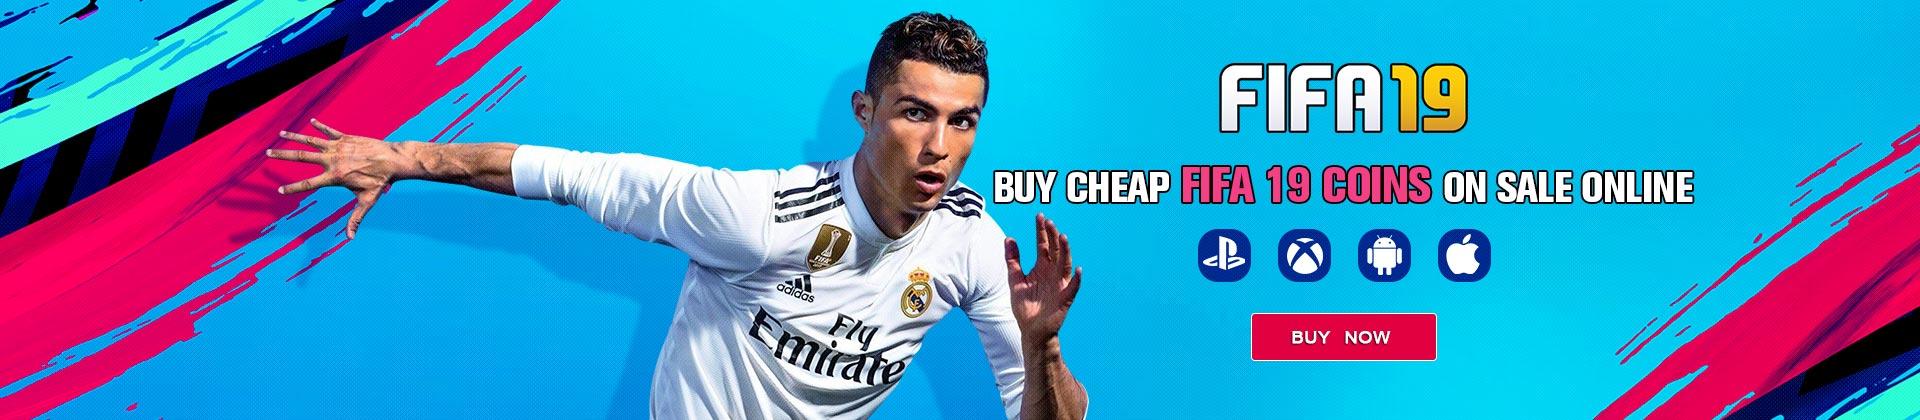 Cheap FIFA 19 Coins